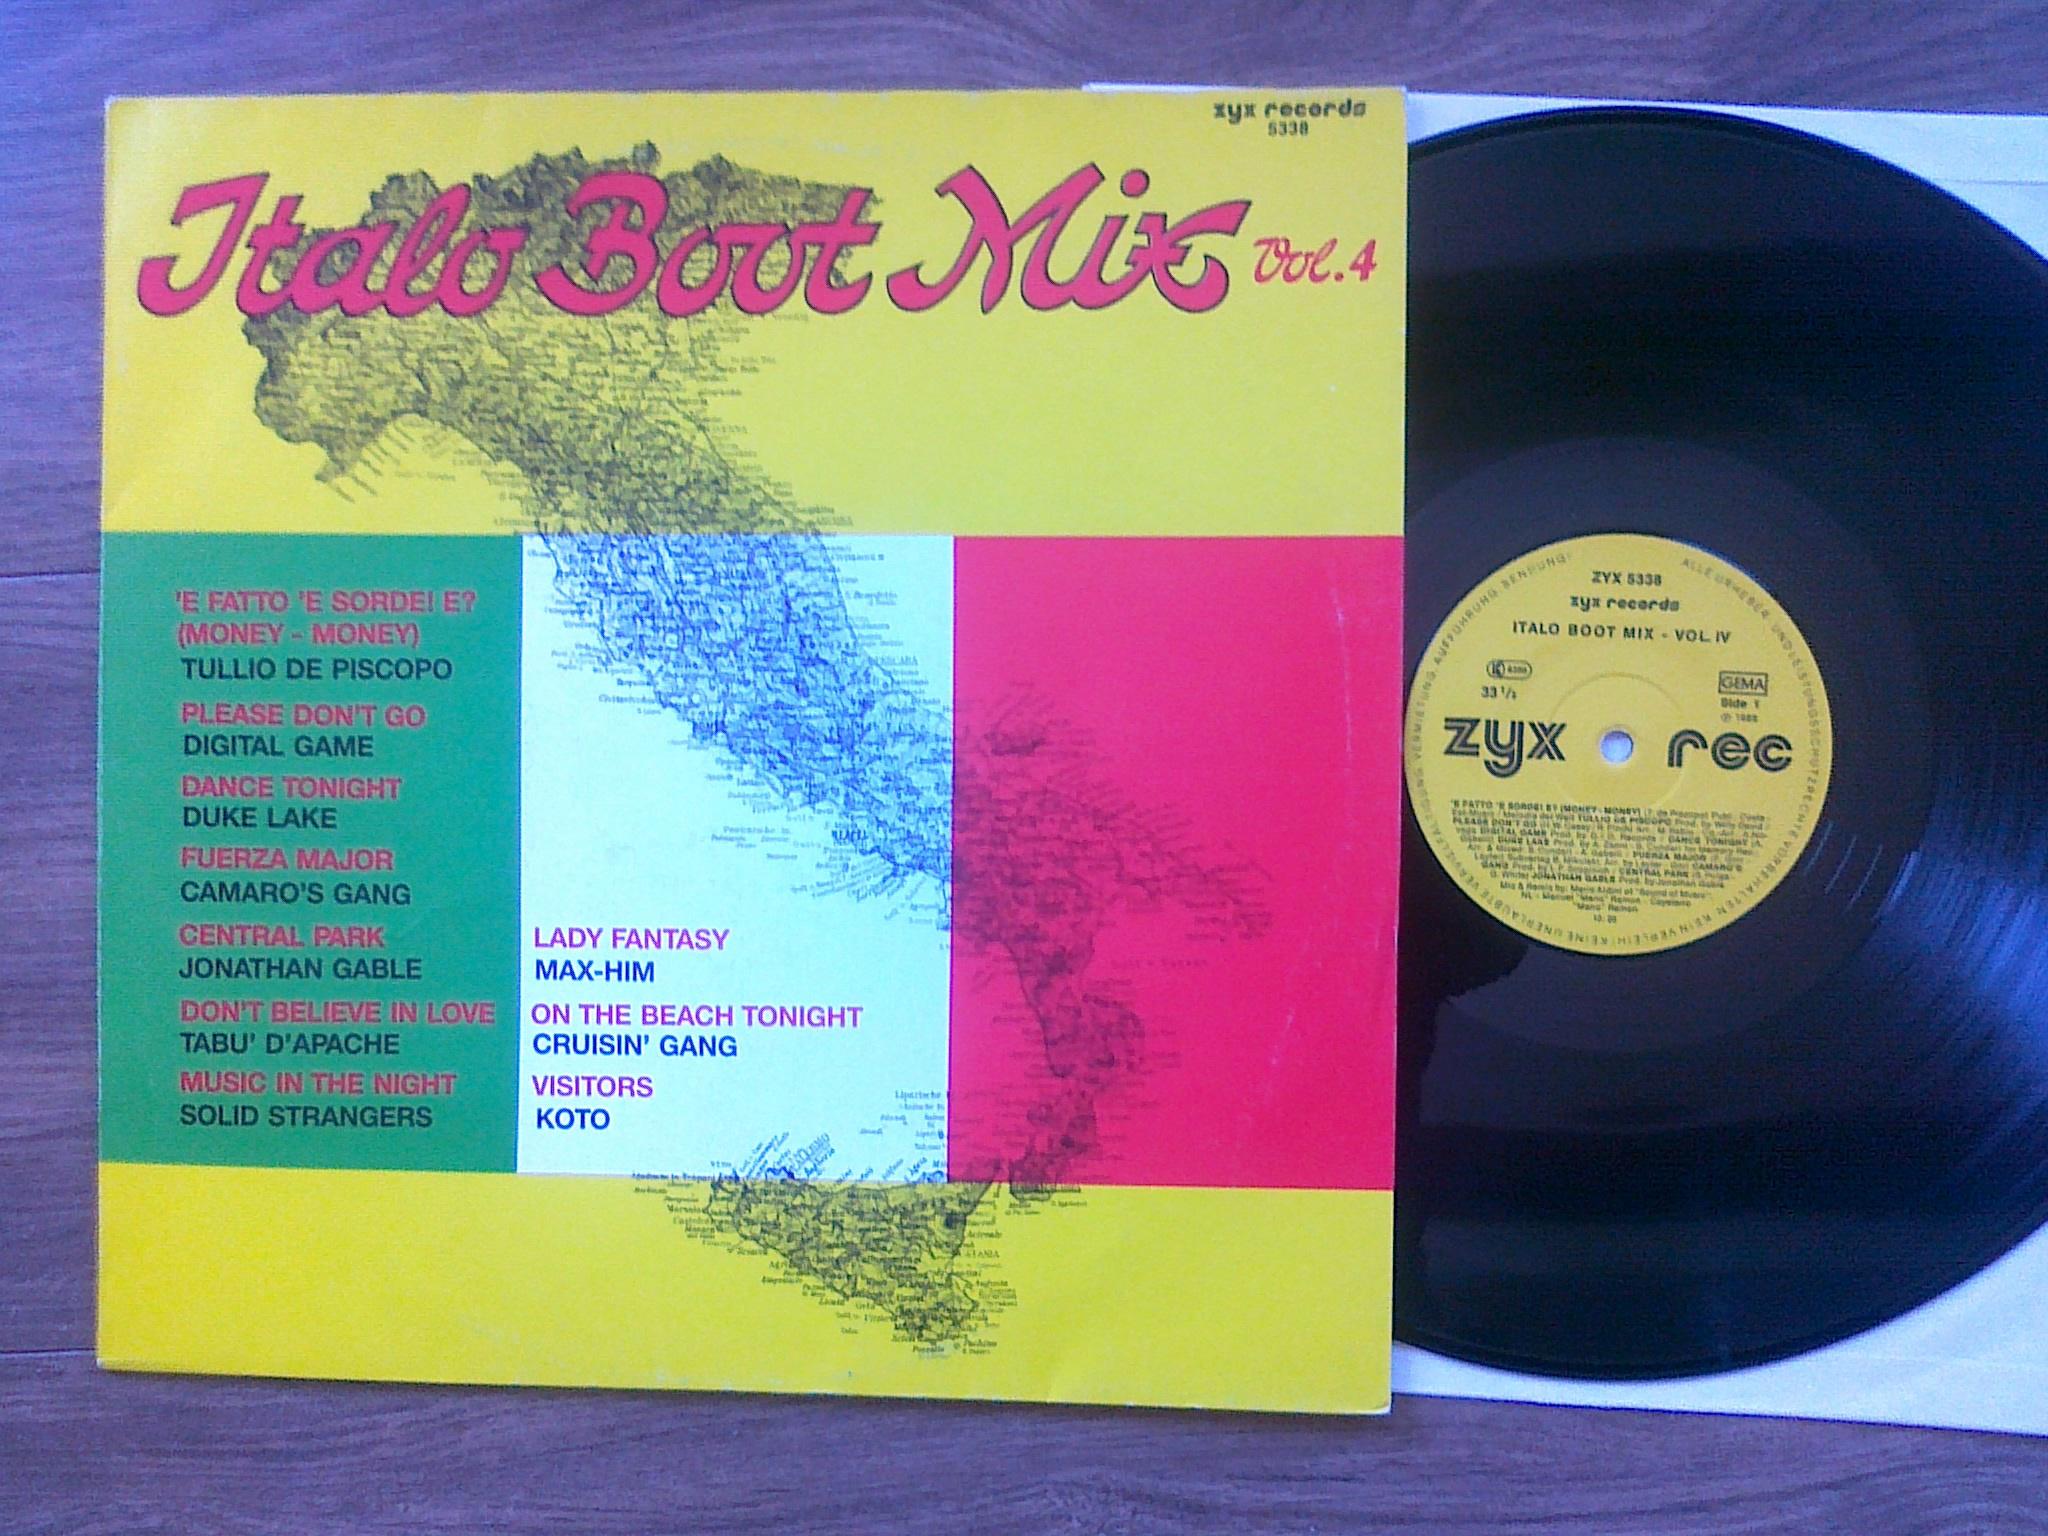 Italo Boot Mix - Vol.04 1985